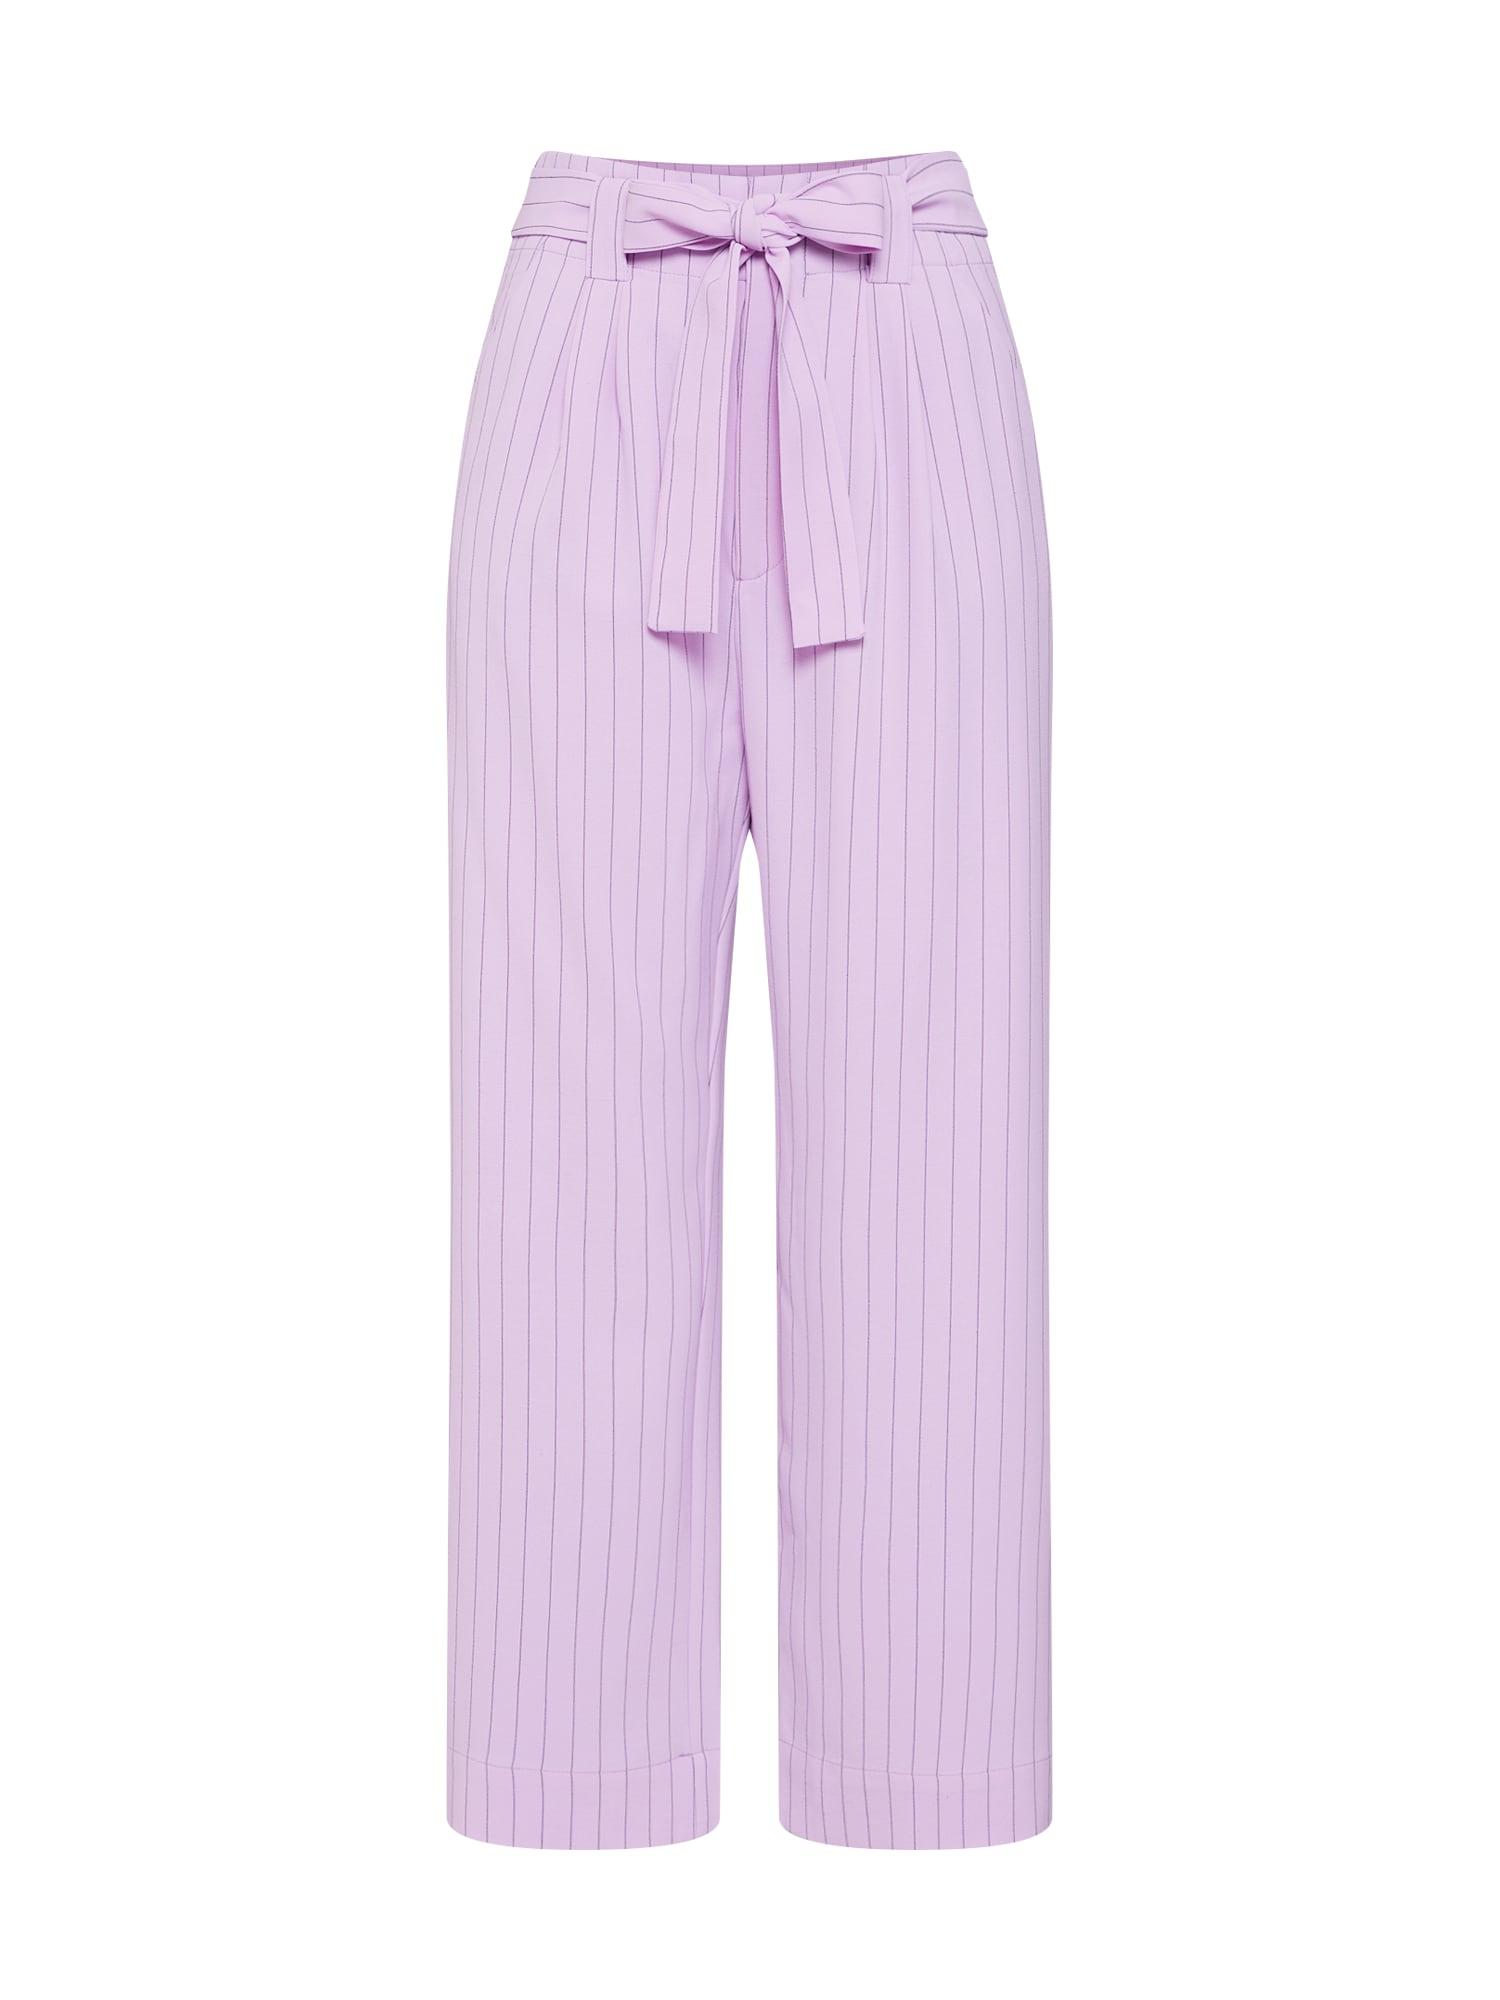 Kalhoty s puky Tara fialová Gestuz